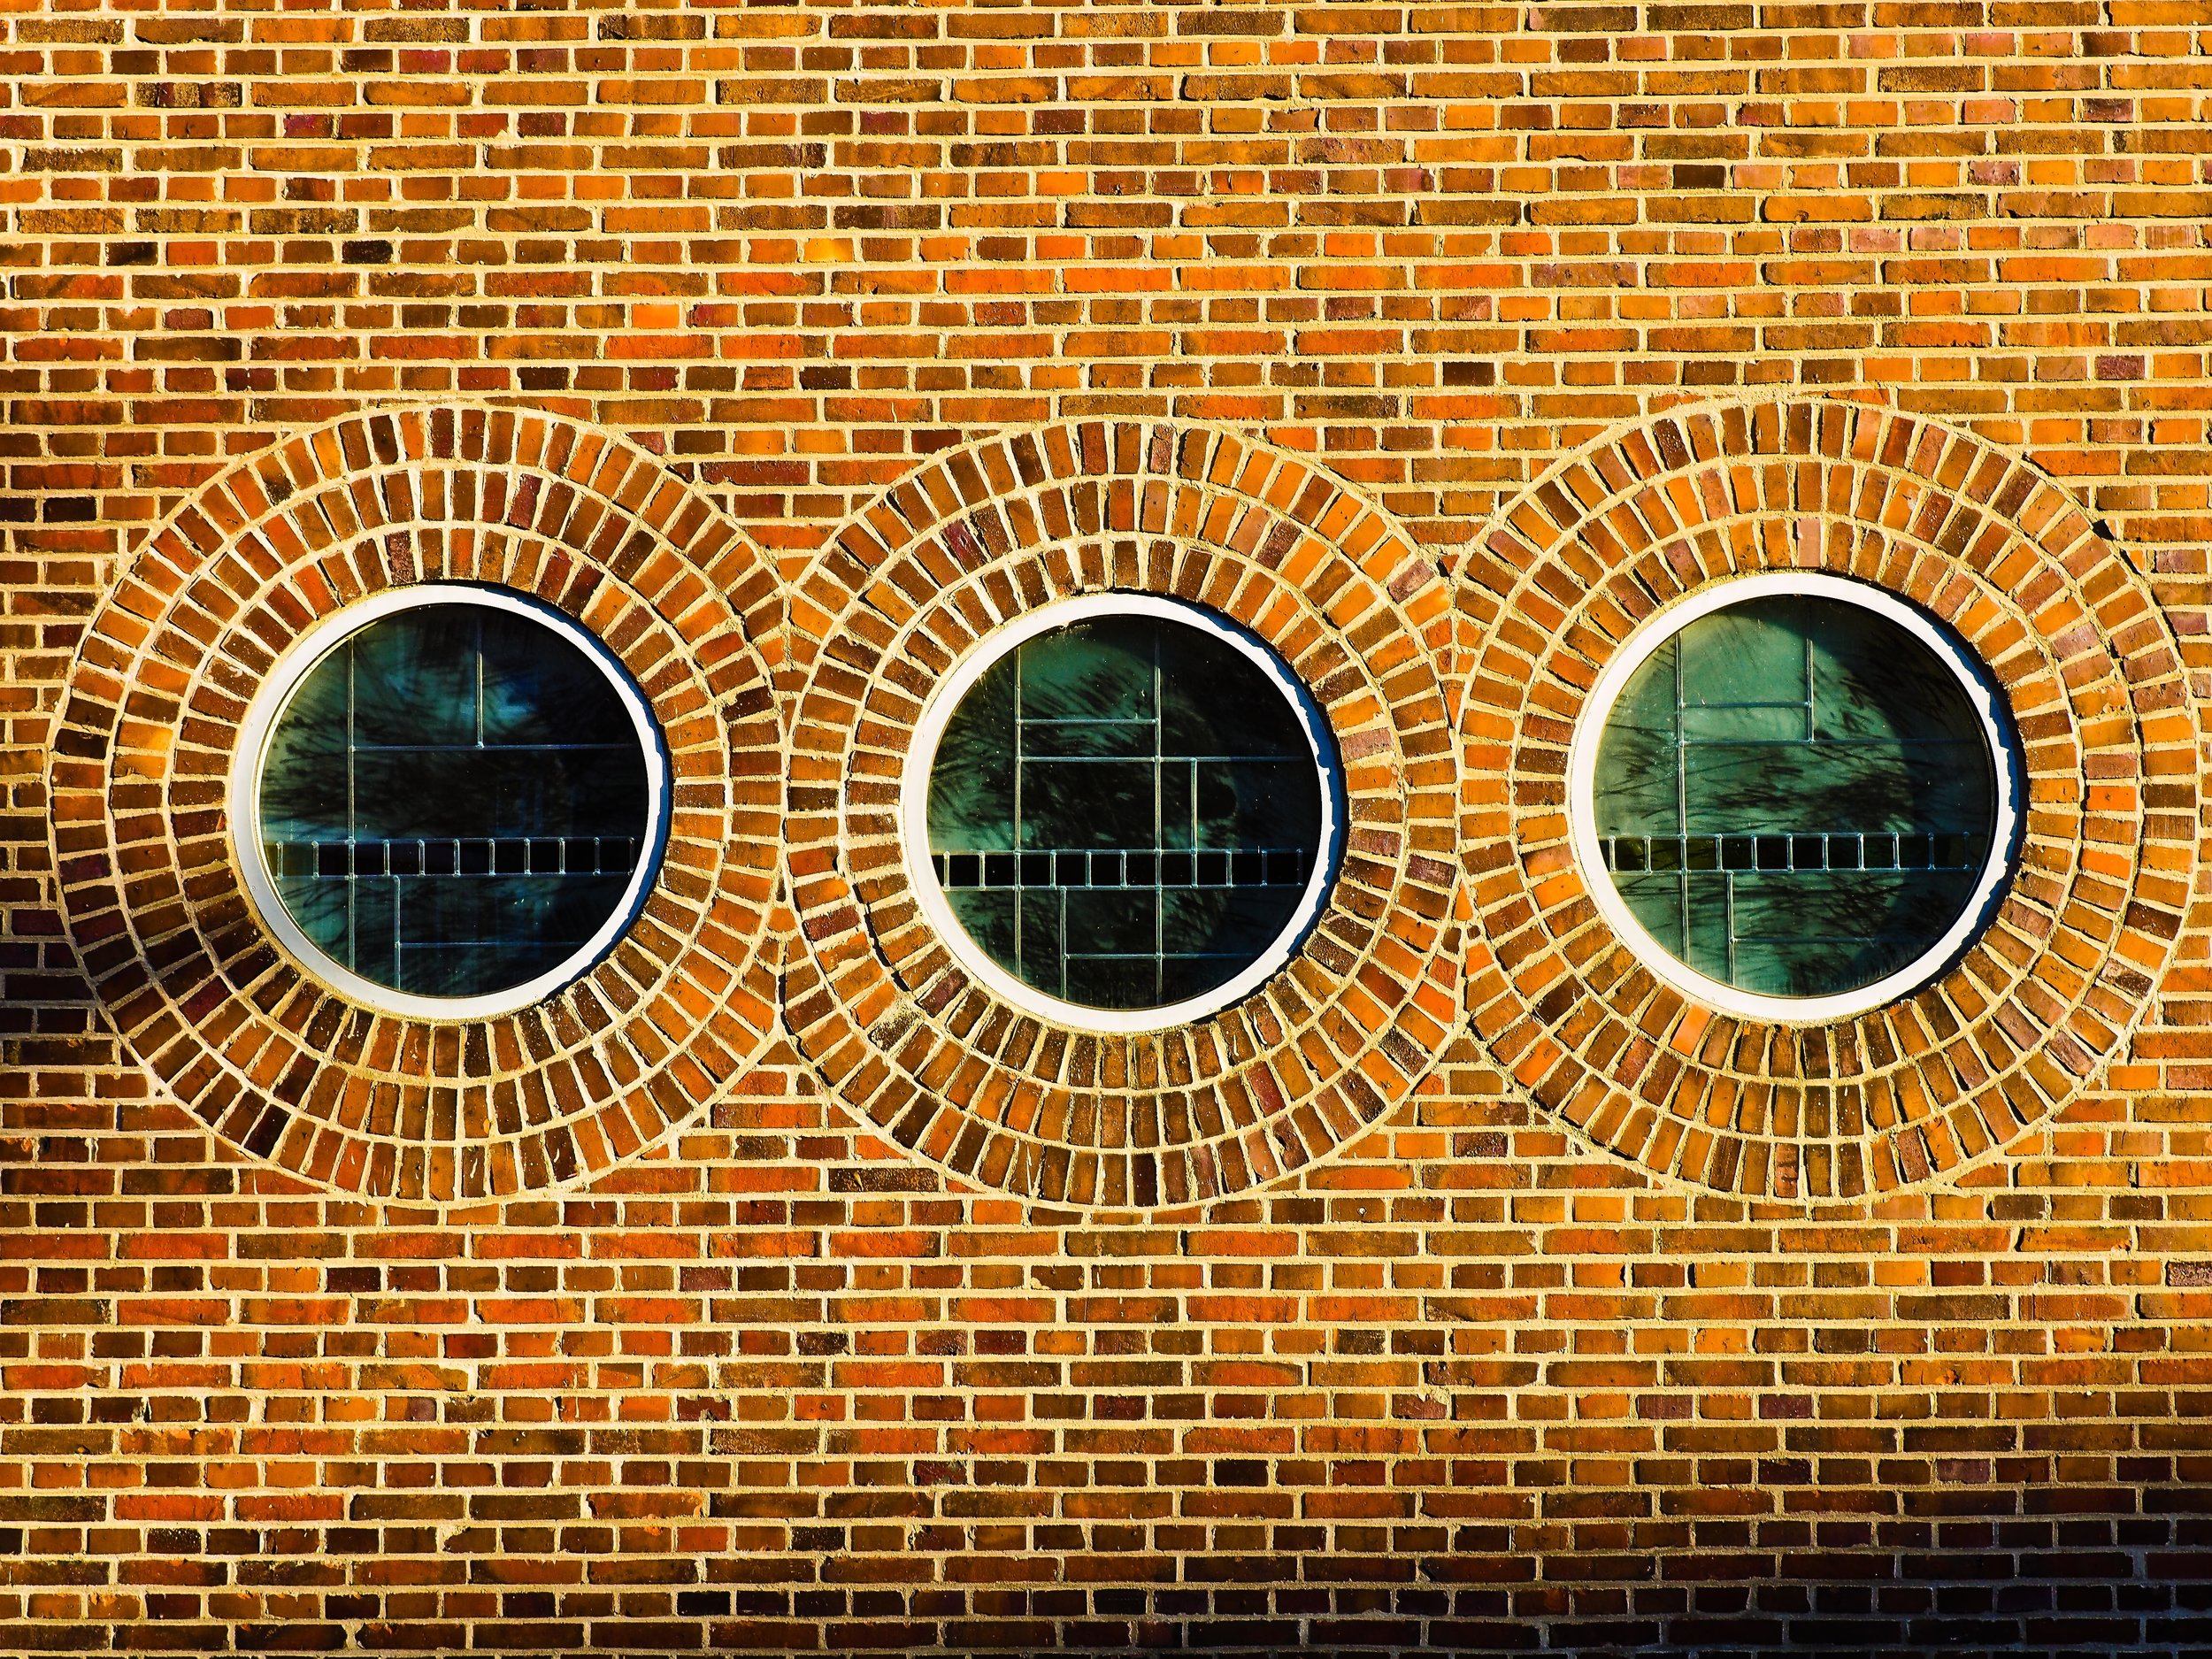 facade-950794.jpg